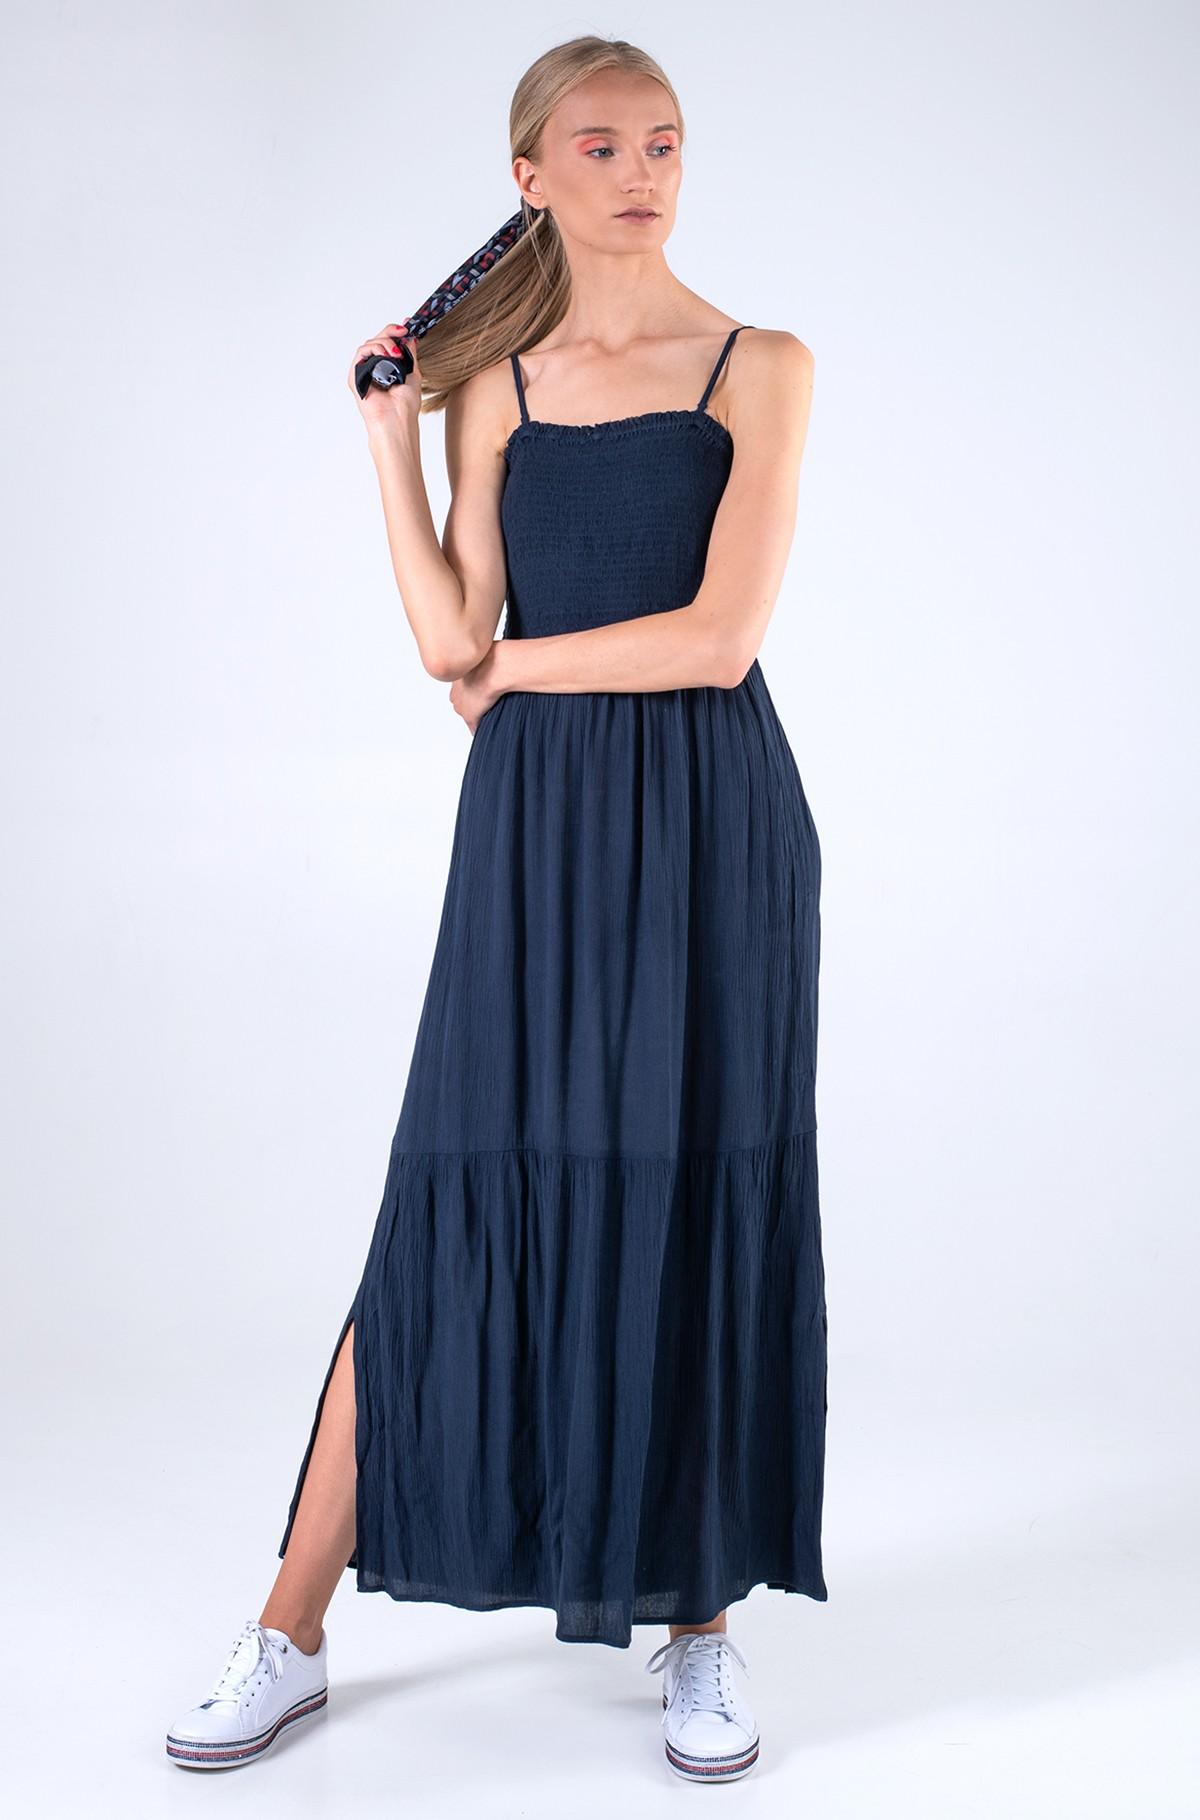 Dress 1025890-full-1